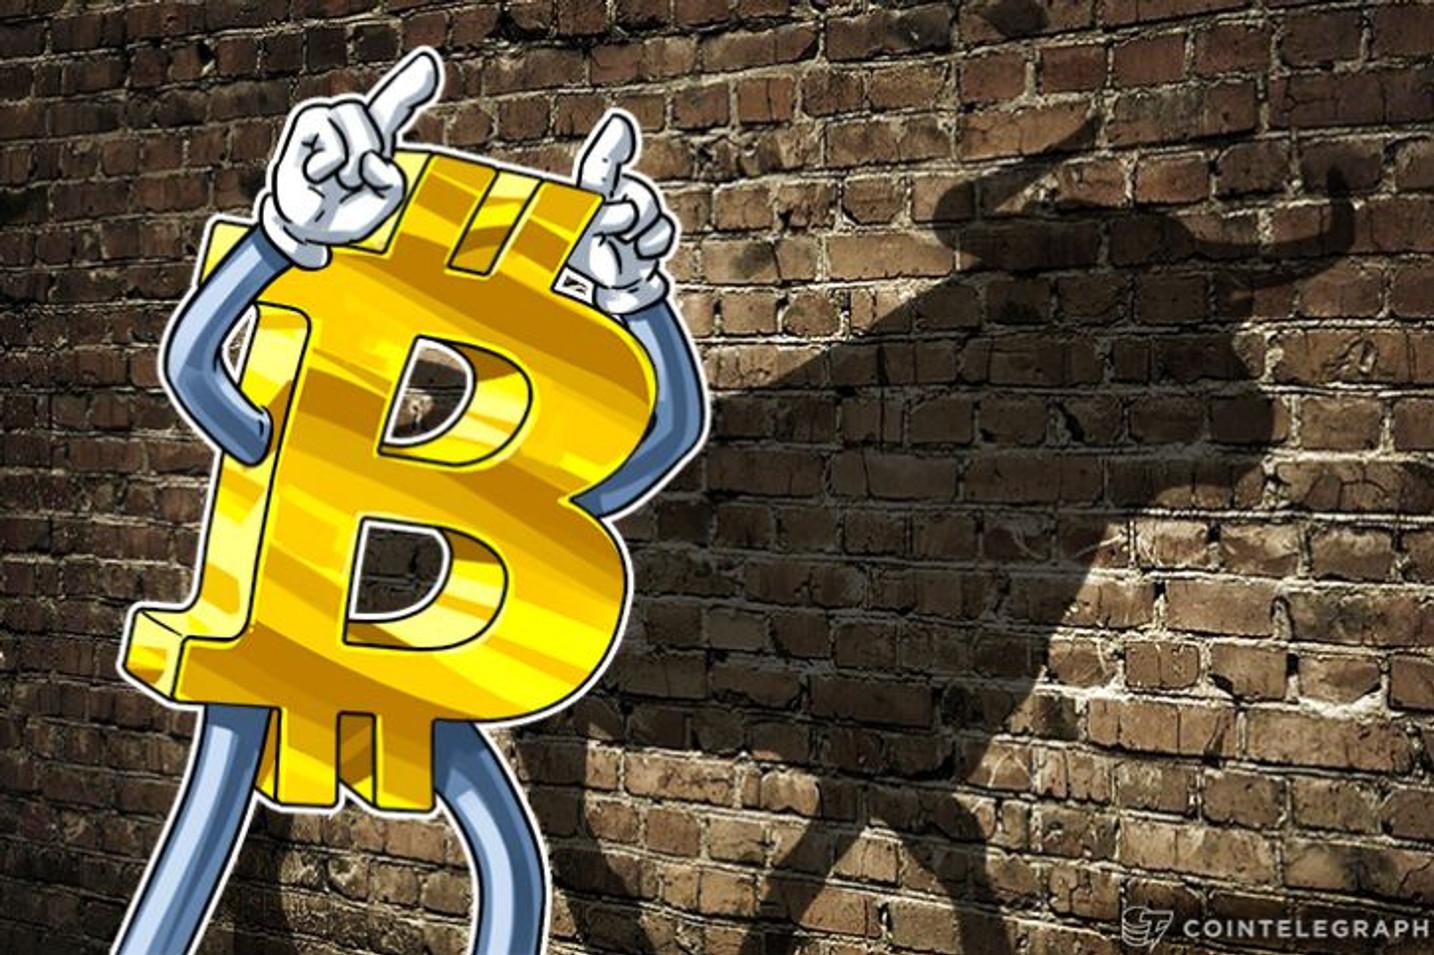 Los datos en cadena muestran que los volúmenes de transacciones diarias de Bitcoin han aumentado un 94%, es posible que el repunte aún no haya terminado